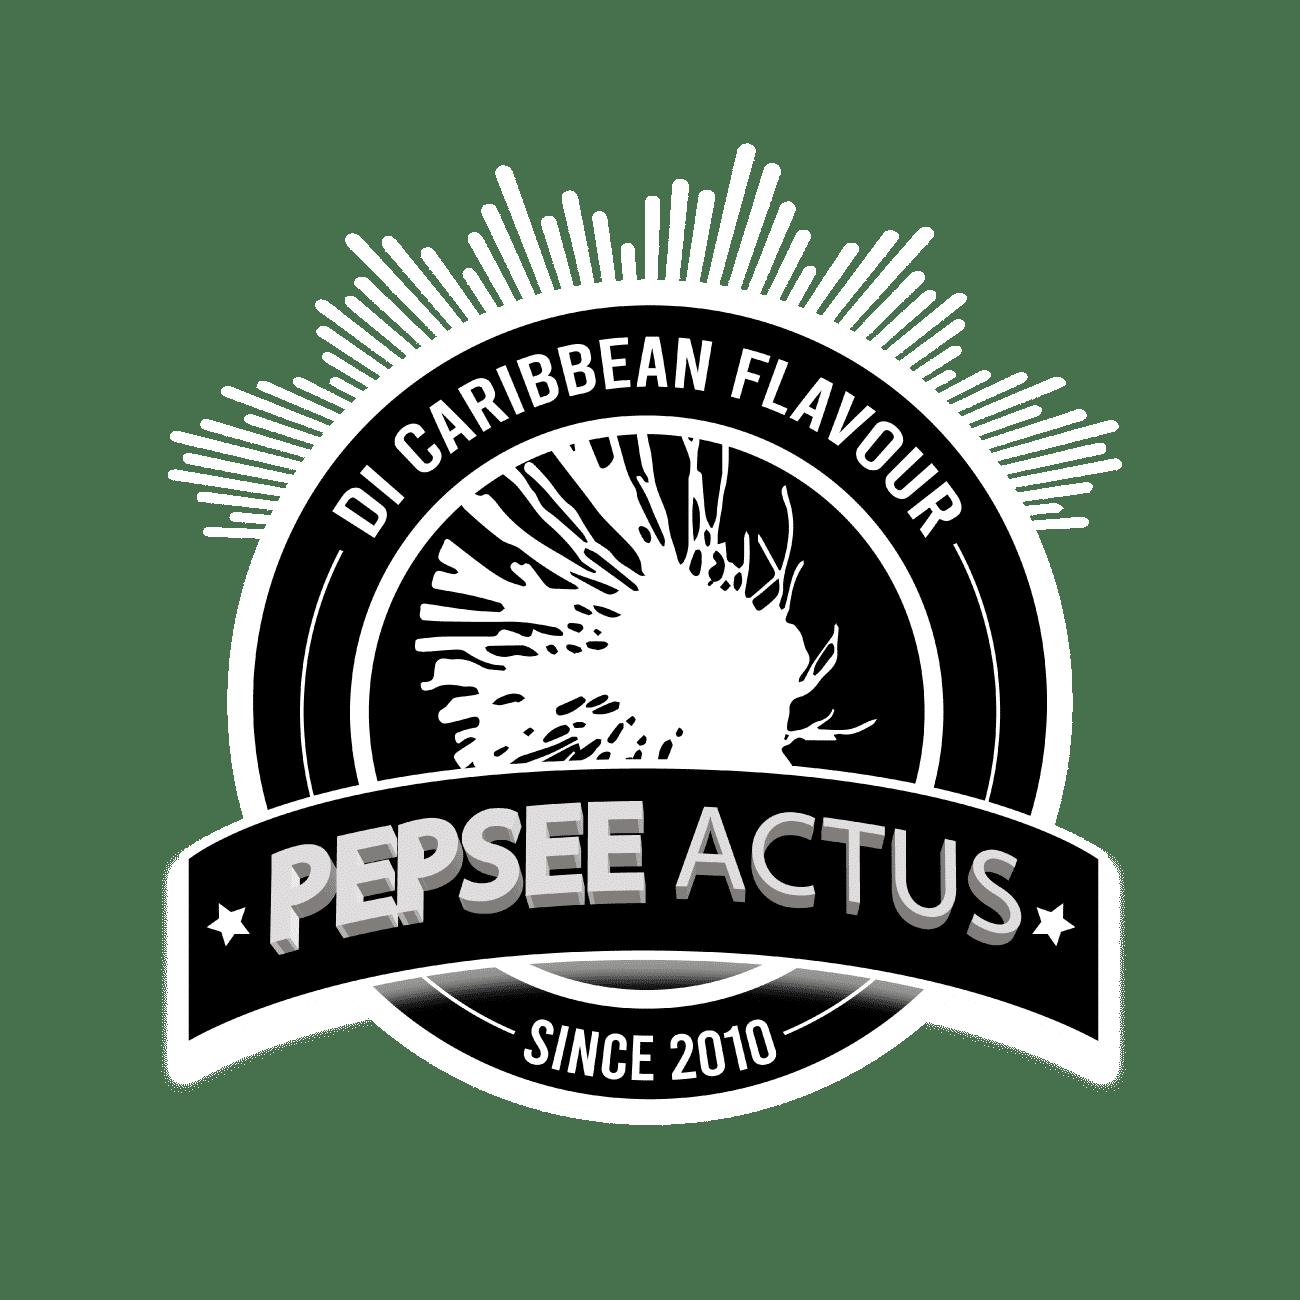 logo PepseeActus